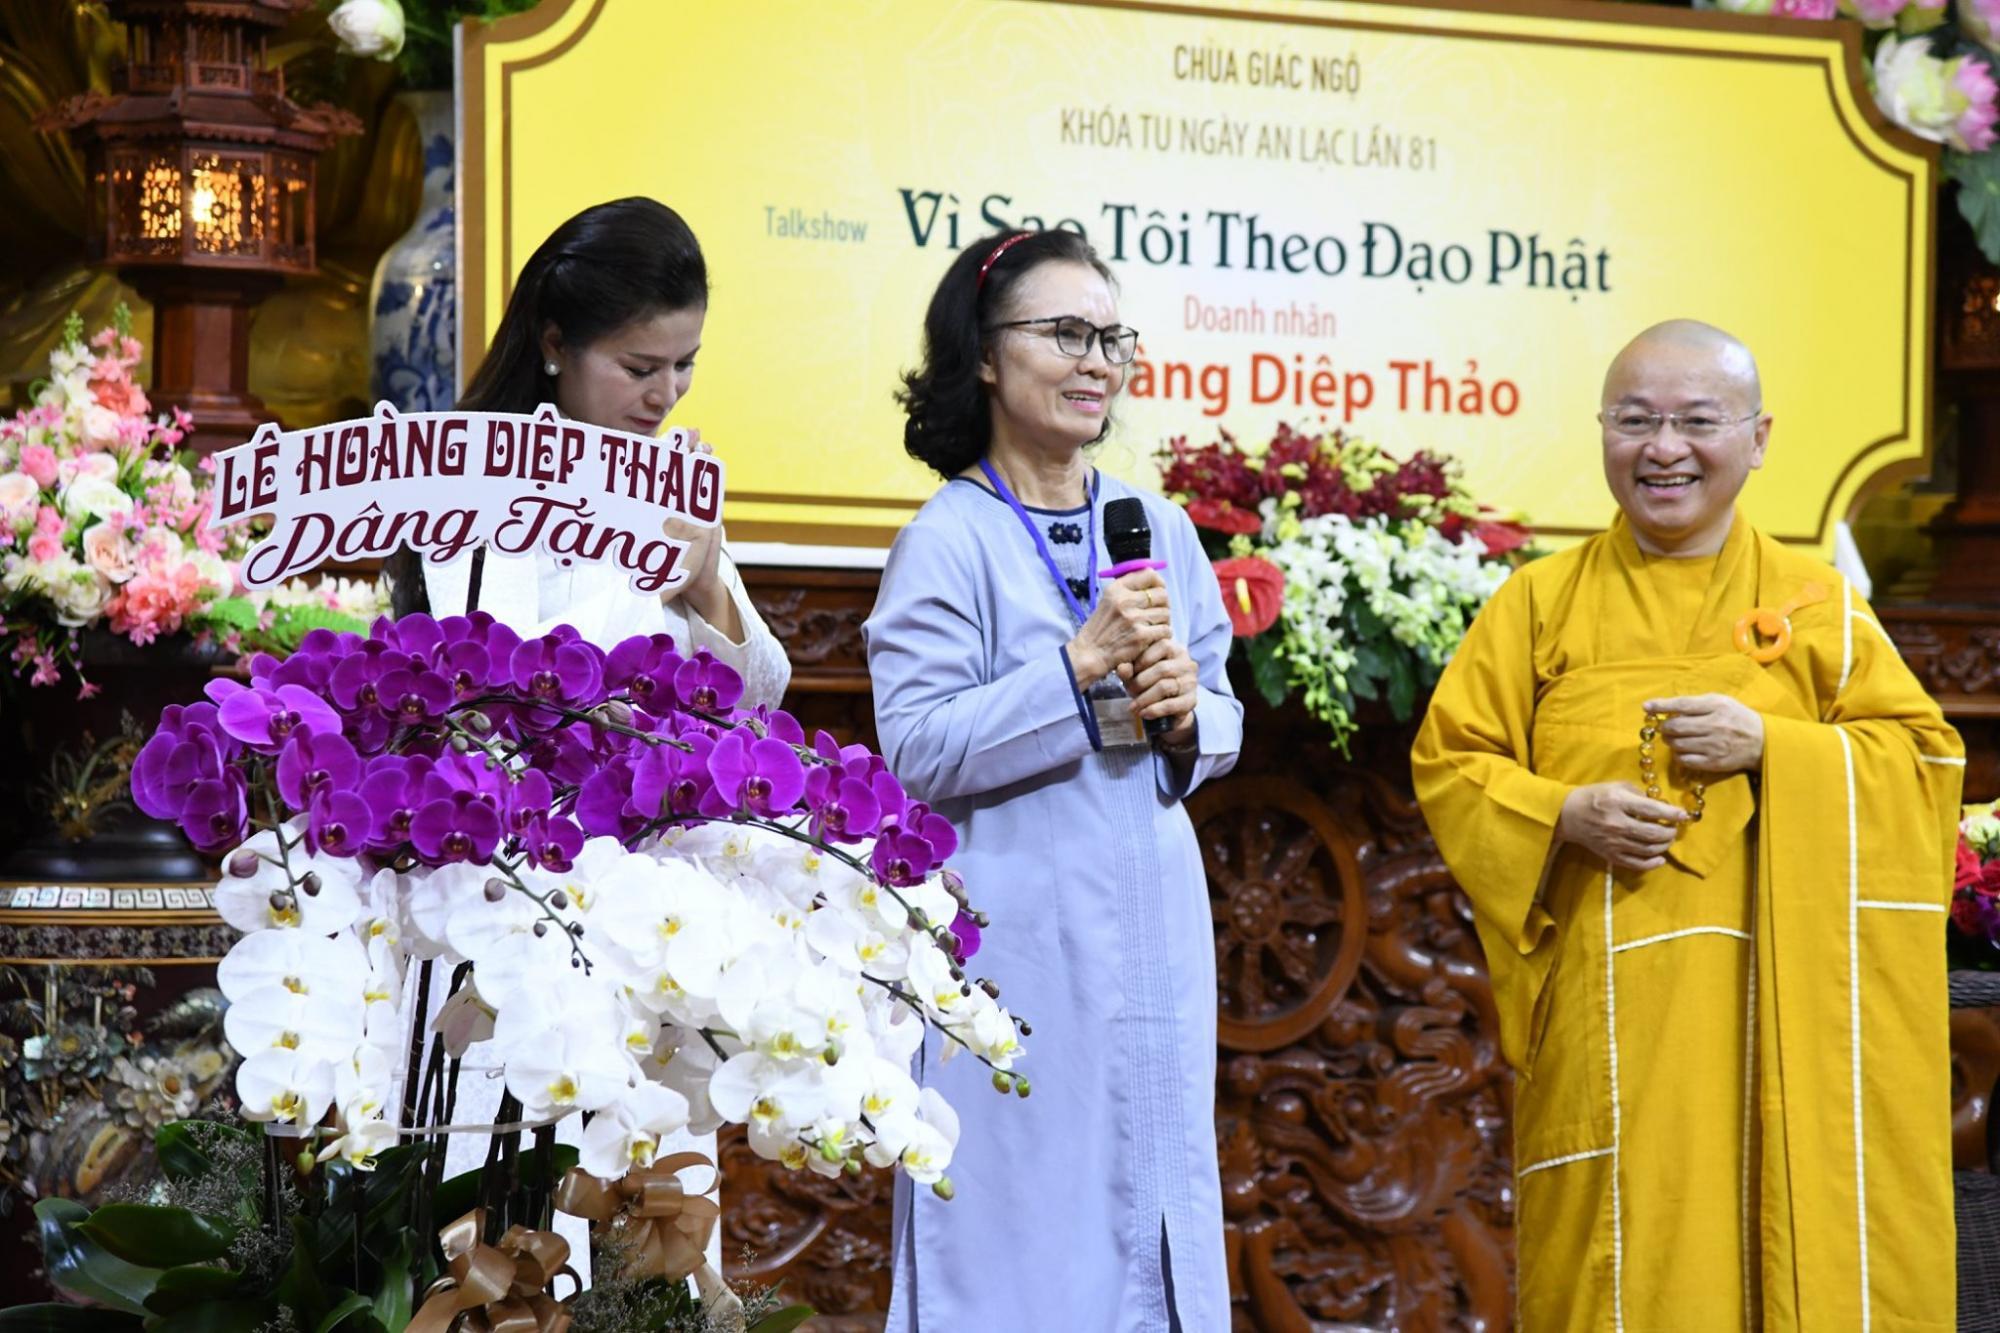 alkshow: Vì Sao Tôi Theo Đạo Phật Khách mời: Doanh nhân Lê Hoàng Diệp Thảo